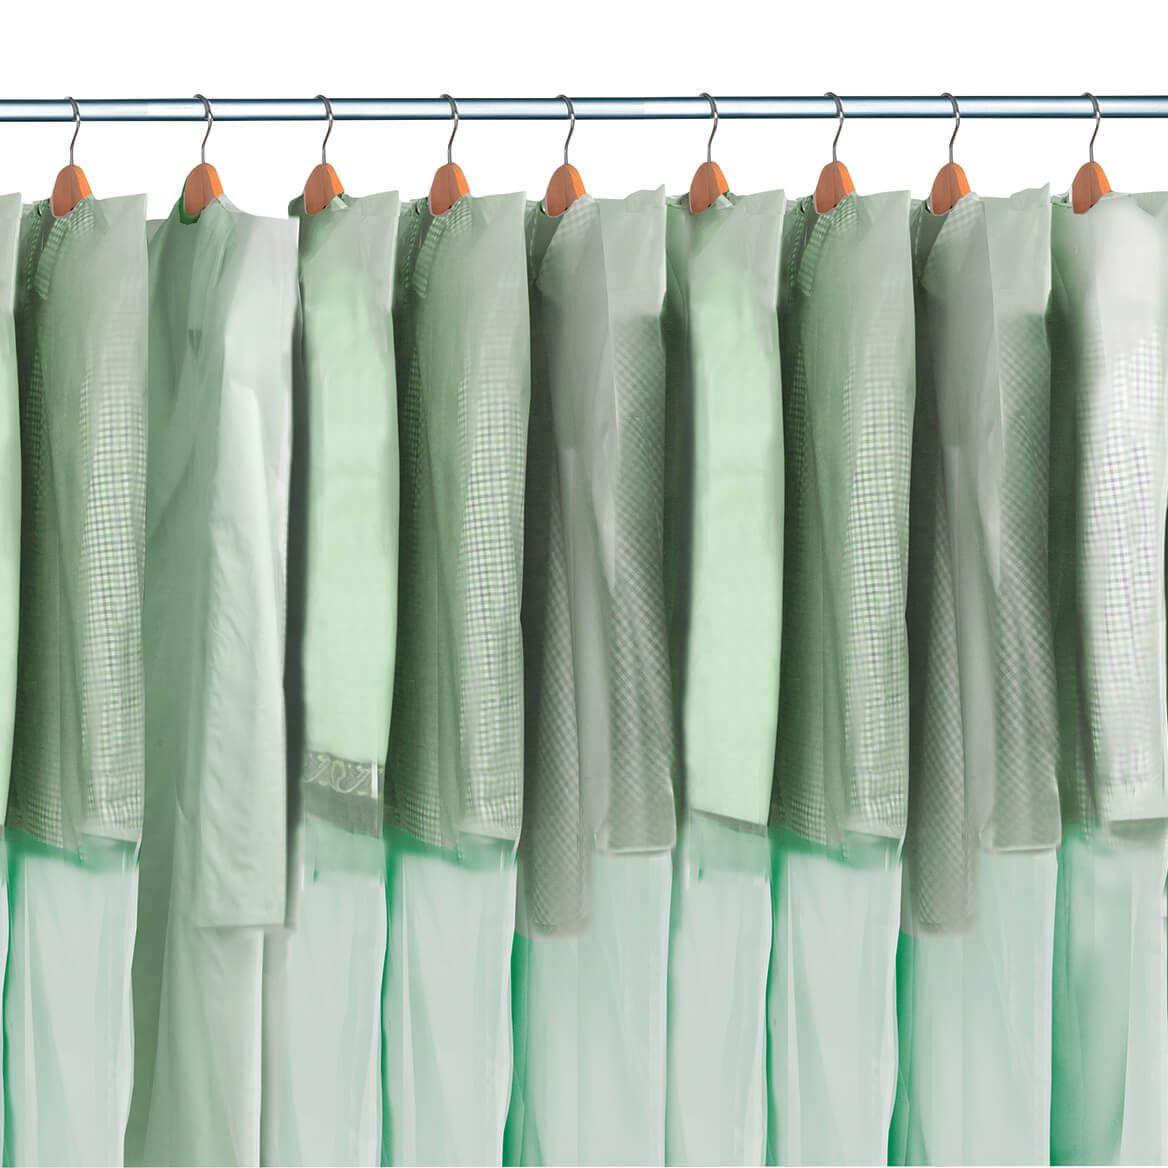 Moth Repellent Clothes Covers Set-370031